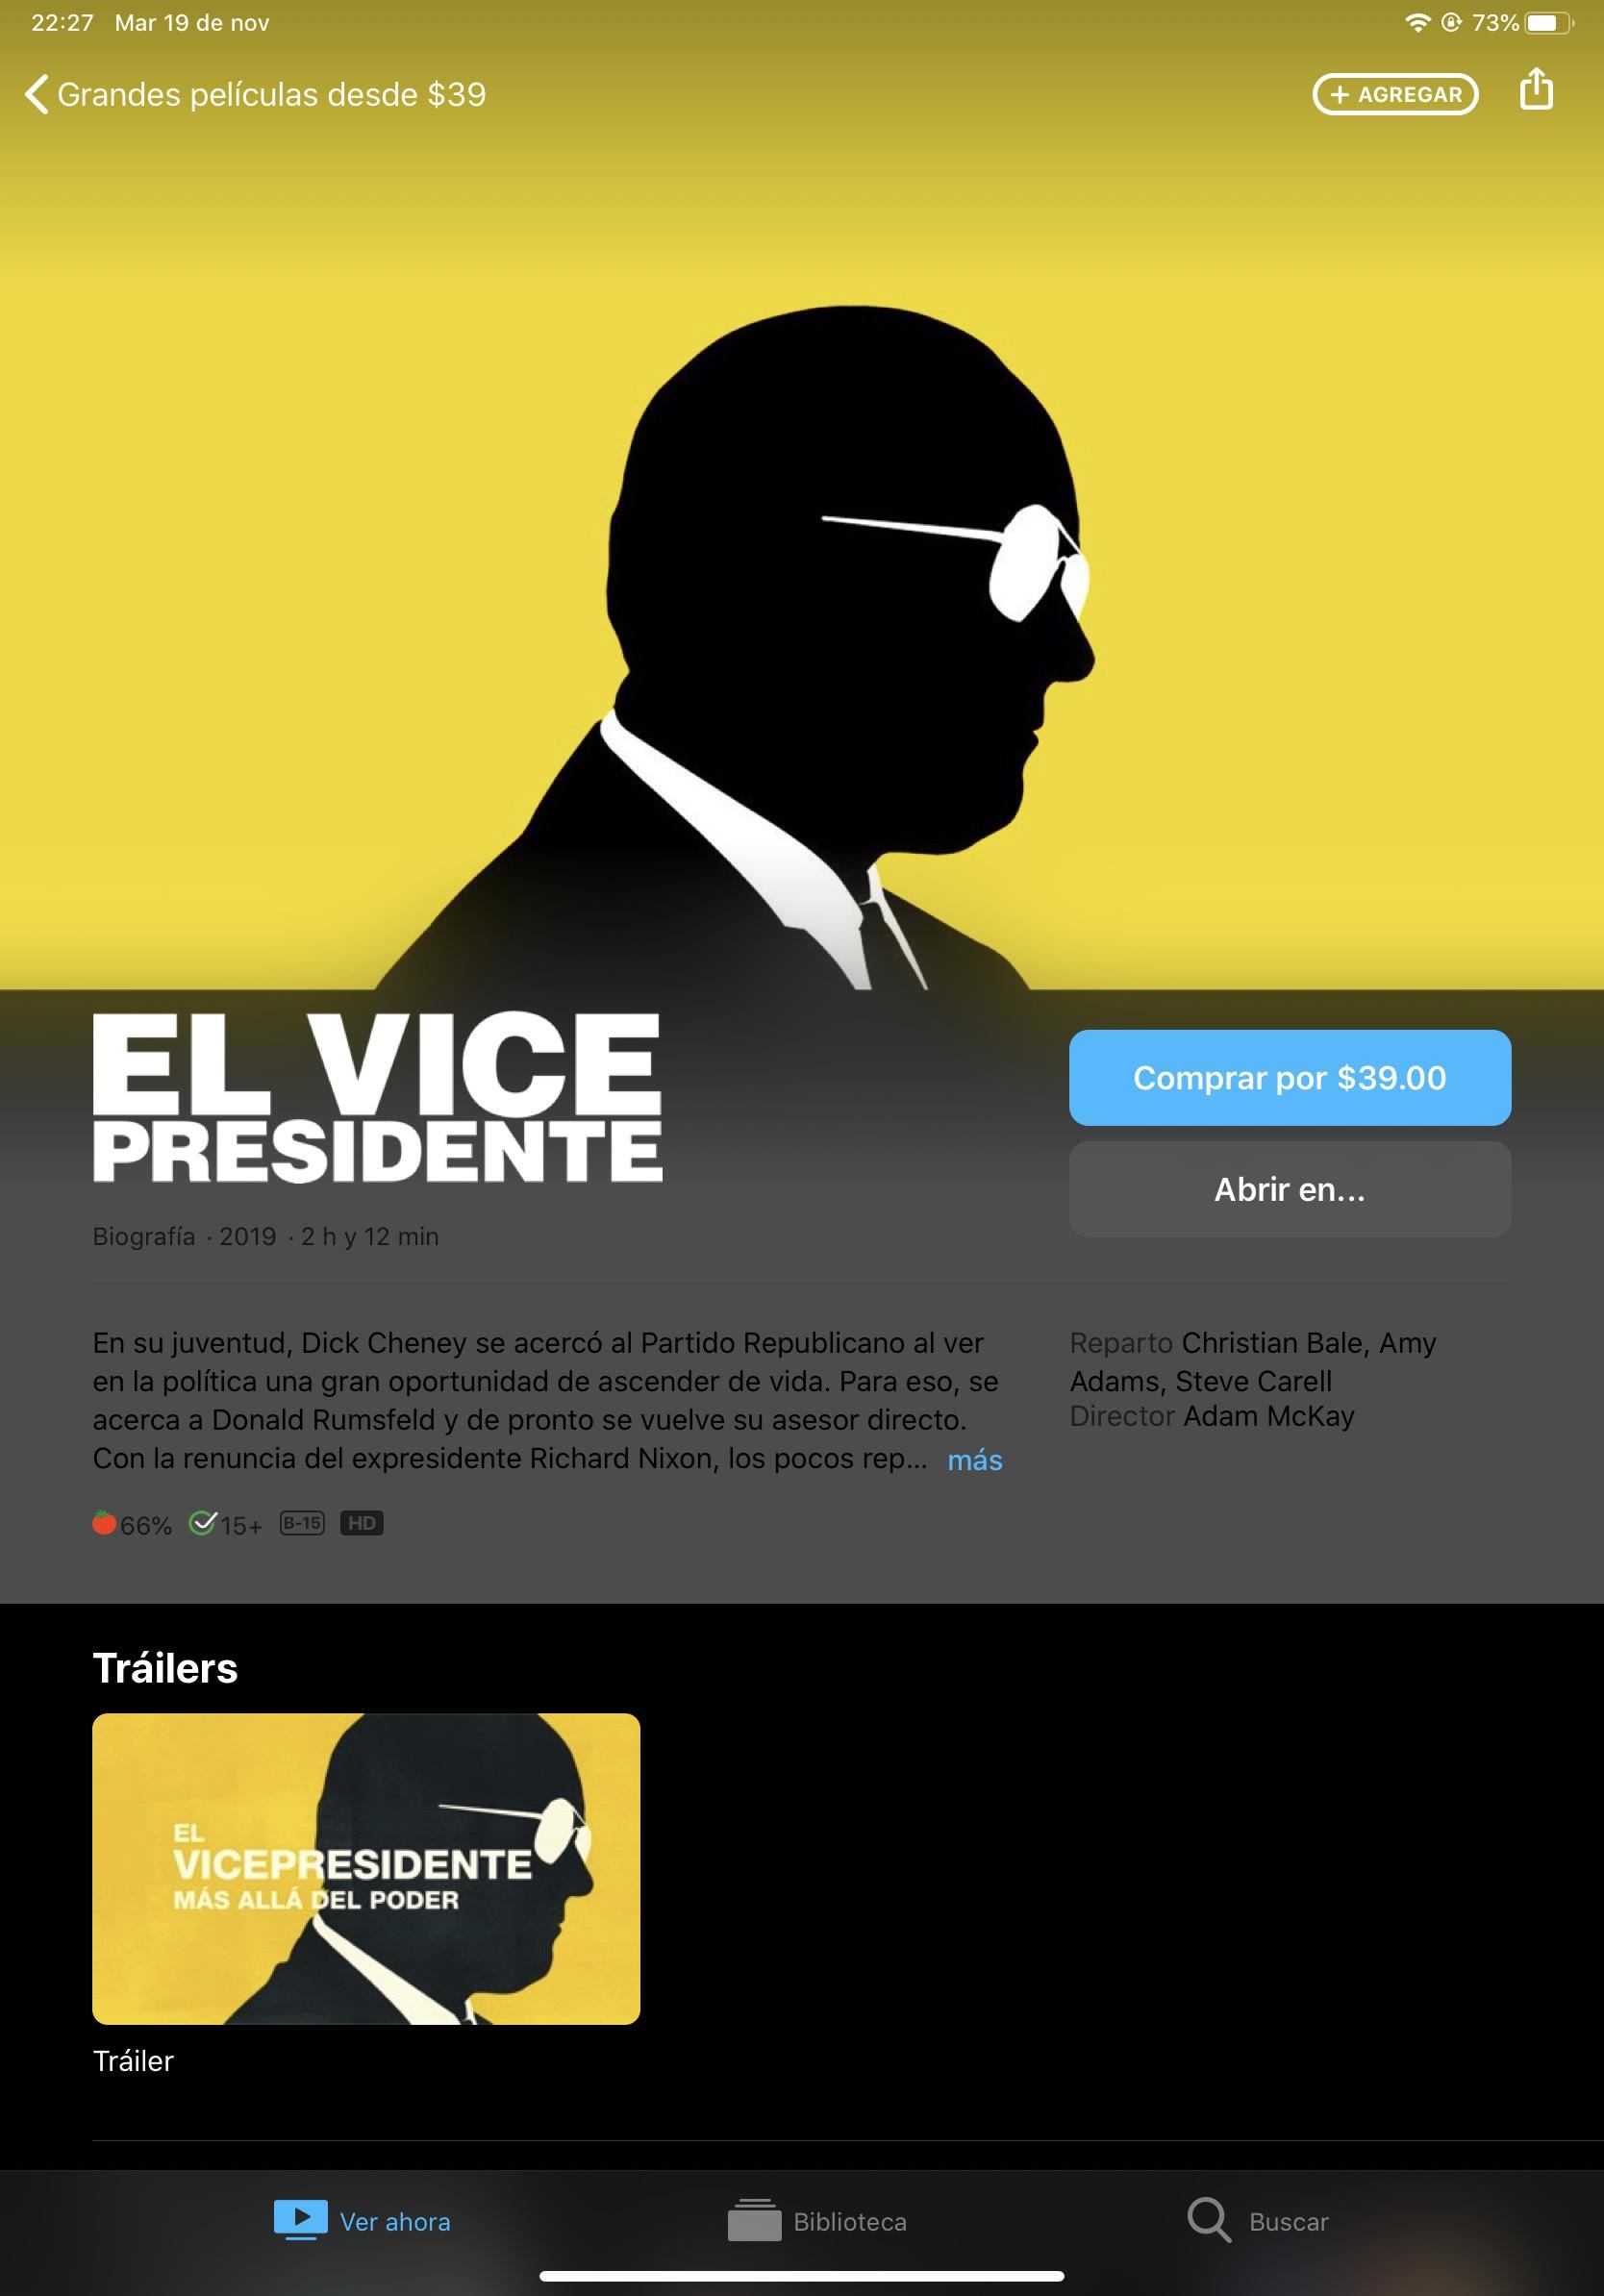 iTunes y Apple TV: El Vicepresidente